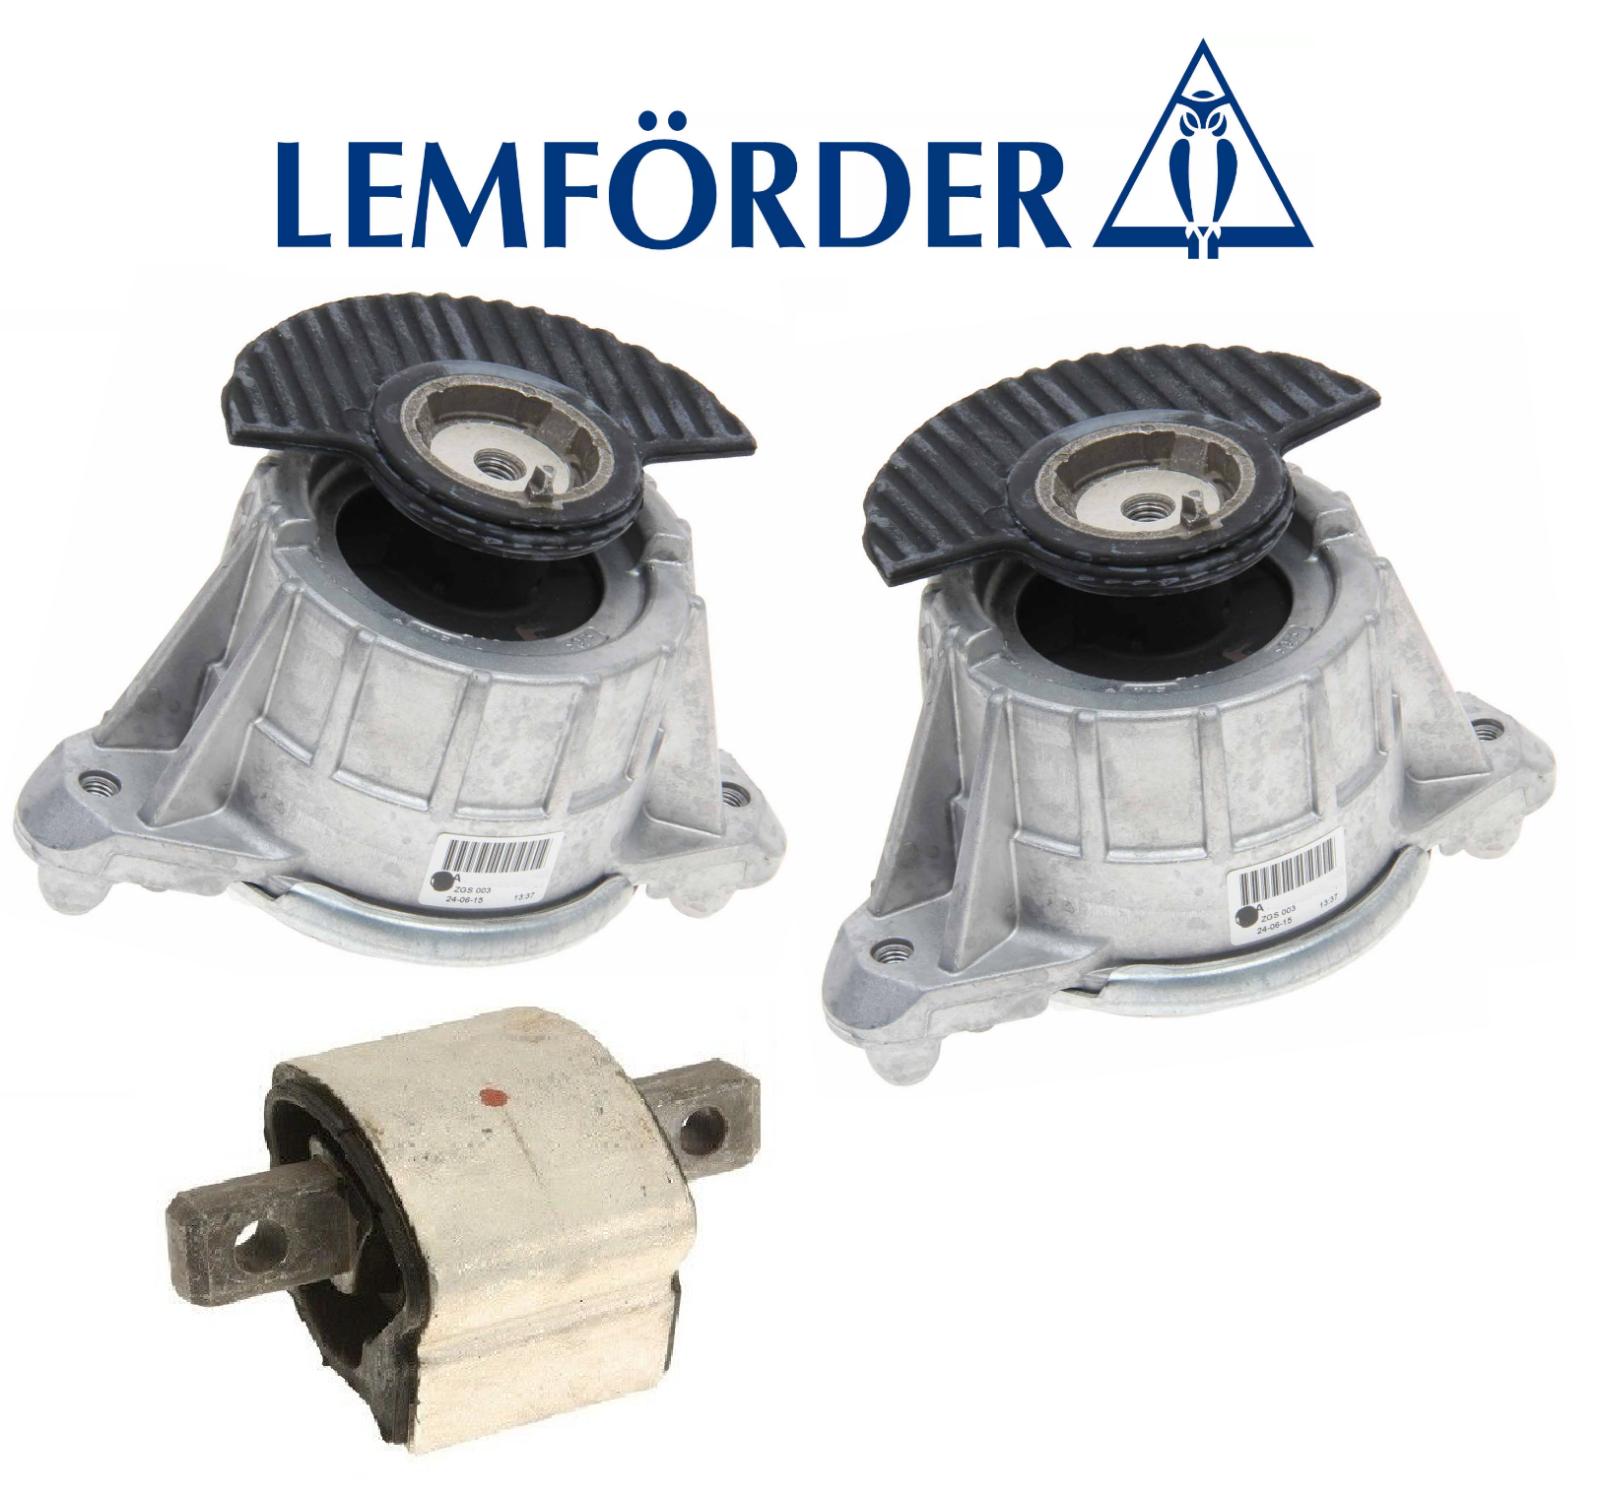 OEM Engine Motor Mount Set 2pcs Transmission Mount Lemforder Mercedes GLK350